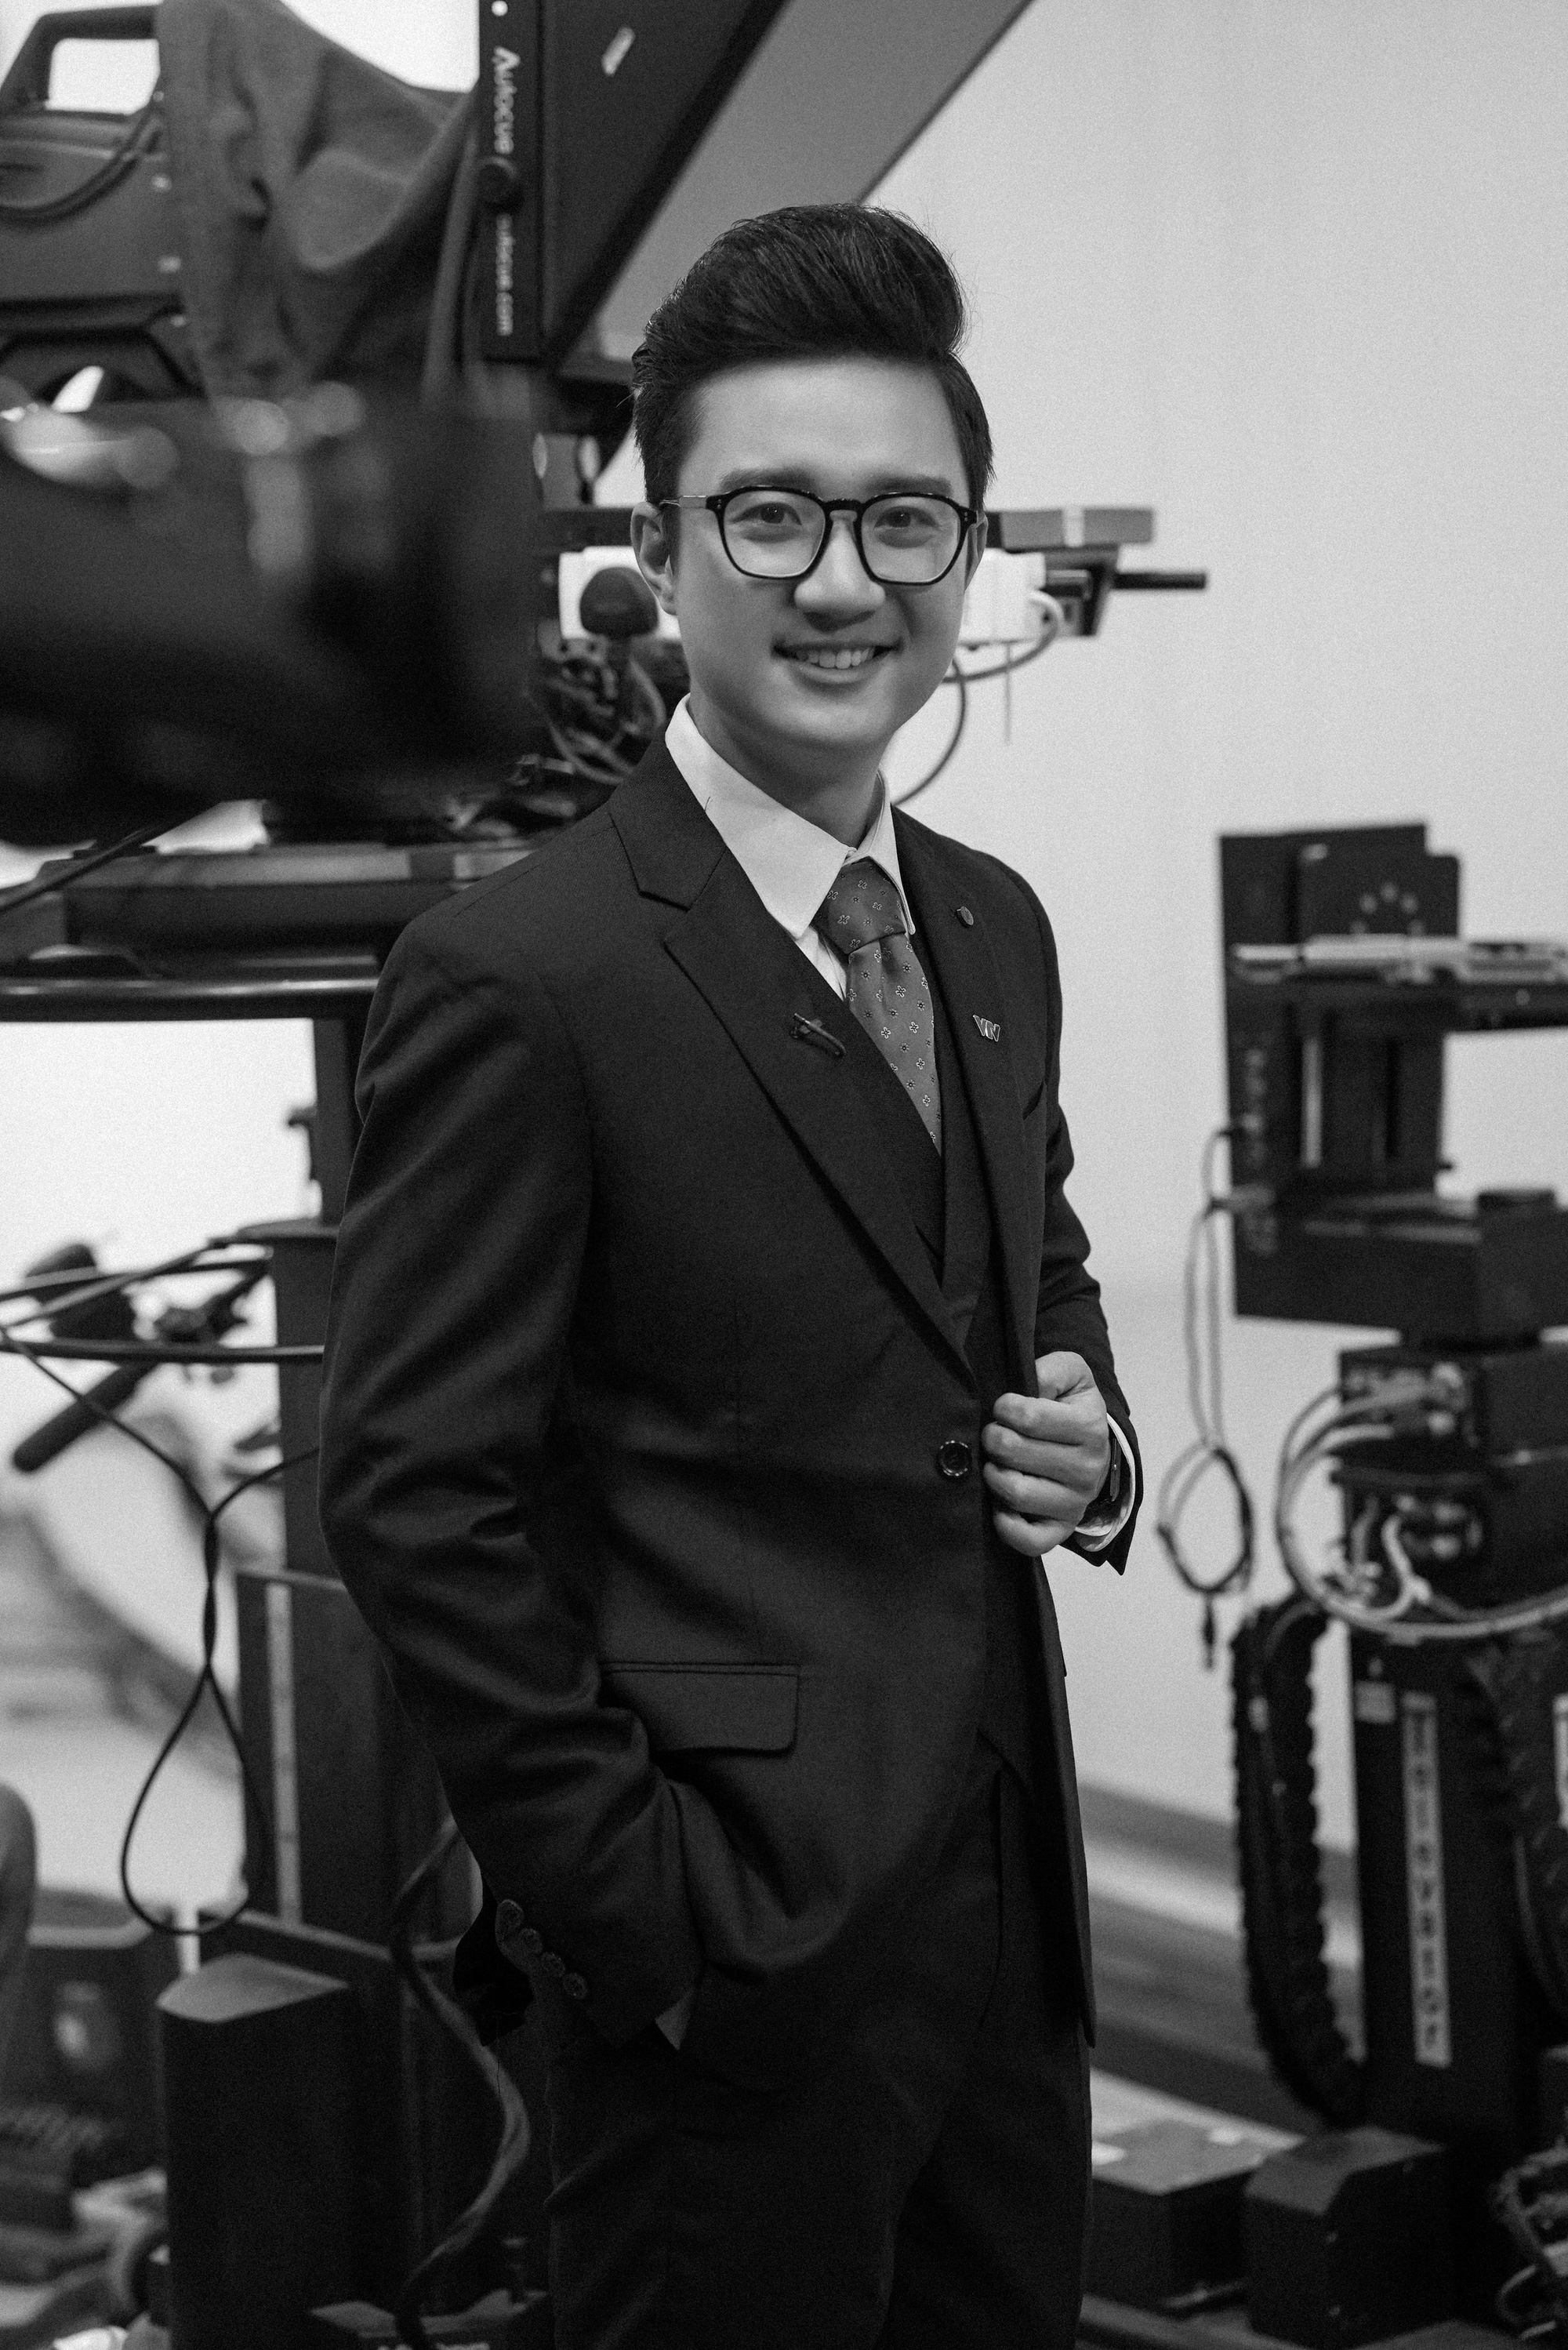 BTV Sơn Lâm: Năm nay đặt mục tiêu vào danh sách đề cử VTV Awards và đã xong! - Ảnh 2.